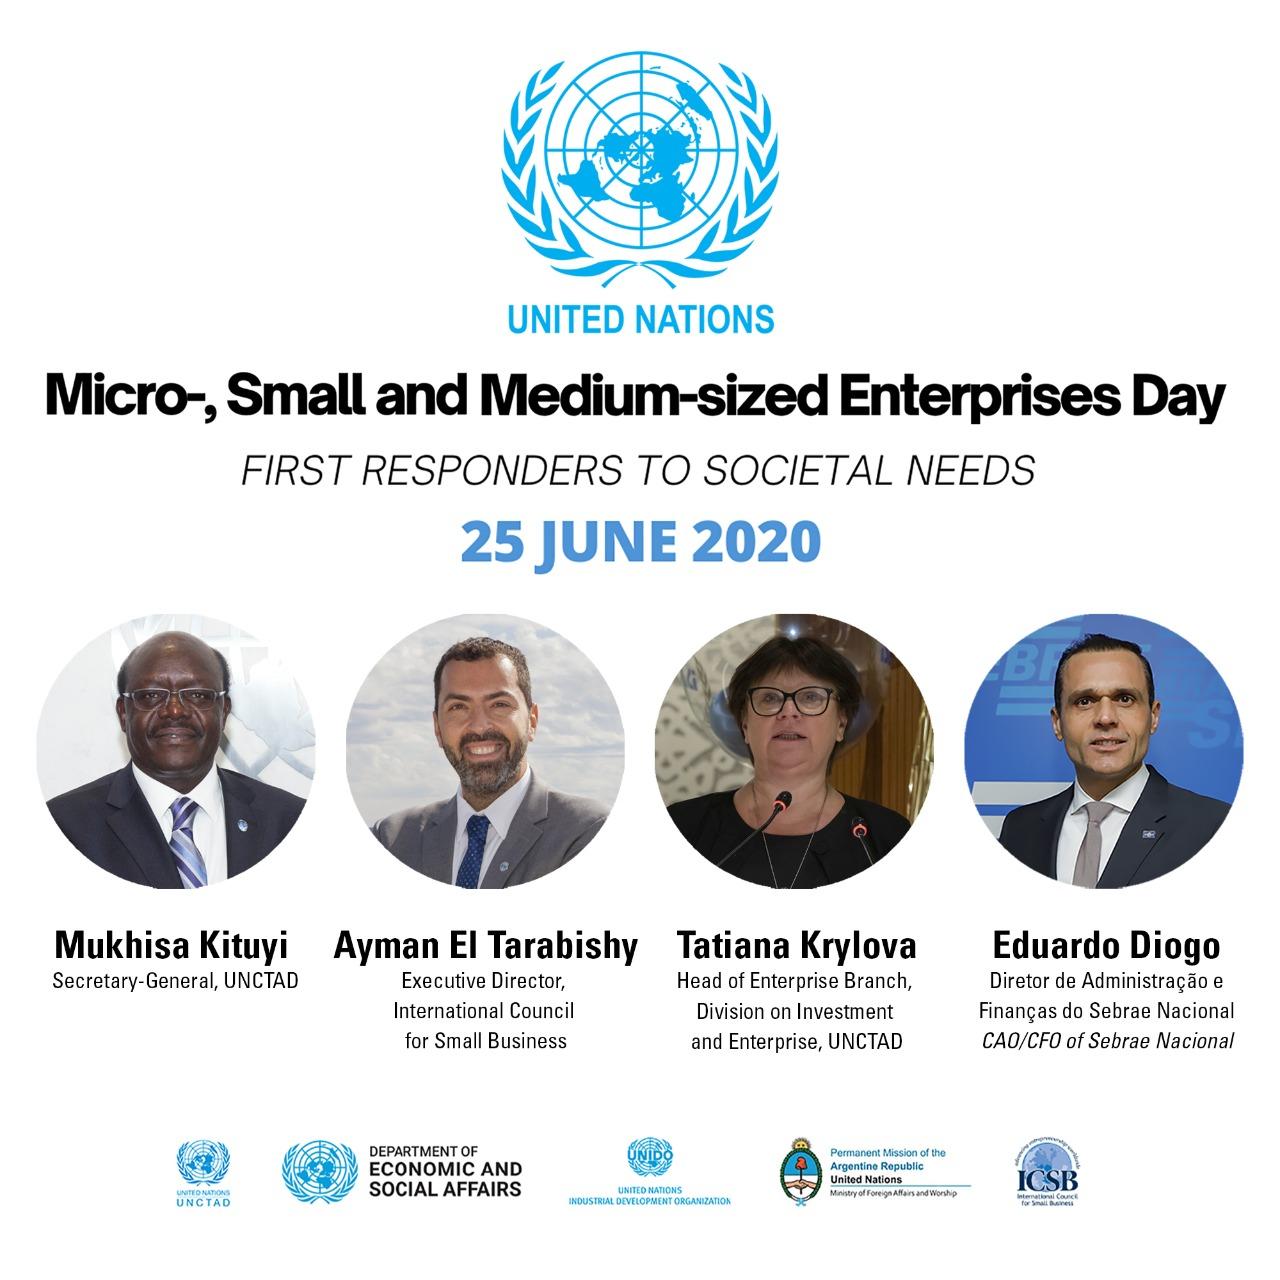 Sebrae participa das comemorações do Dia das Micro, Pequenas e Médias Empresas instituído pela ONU